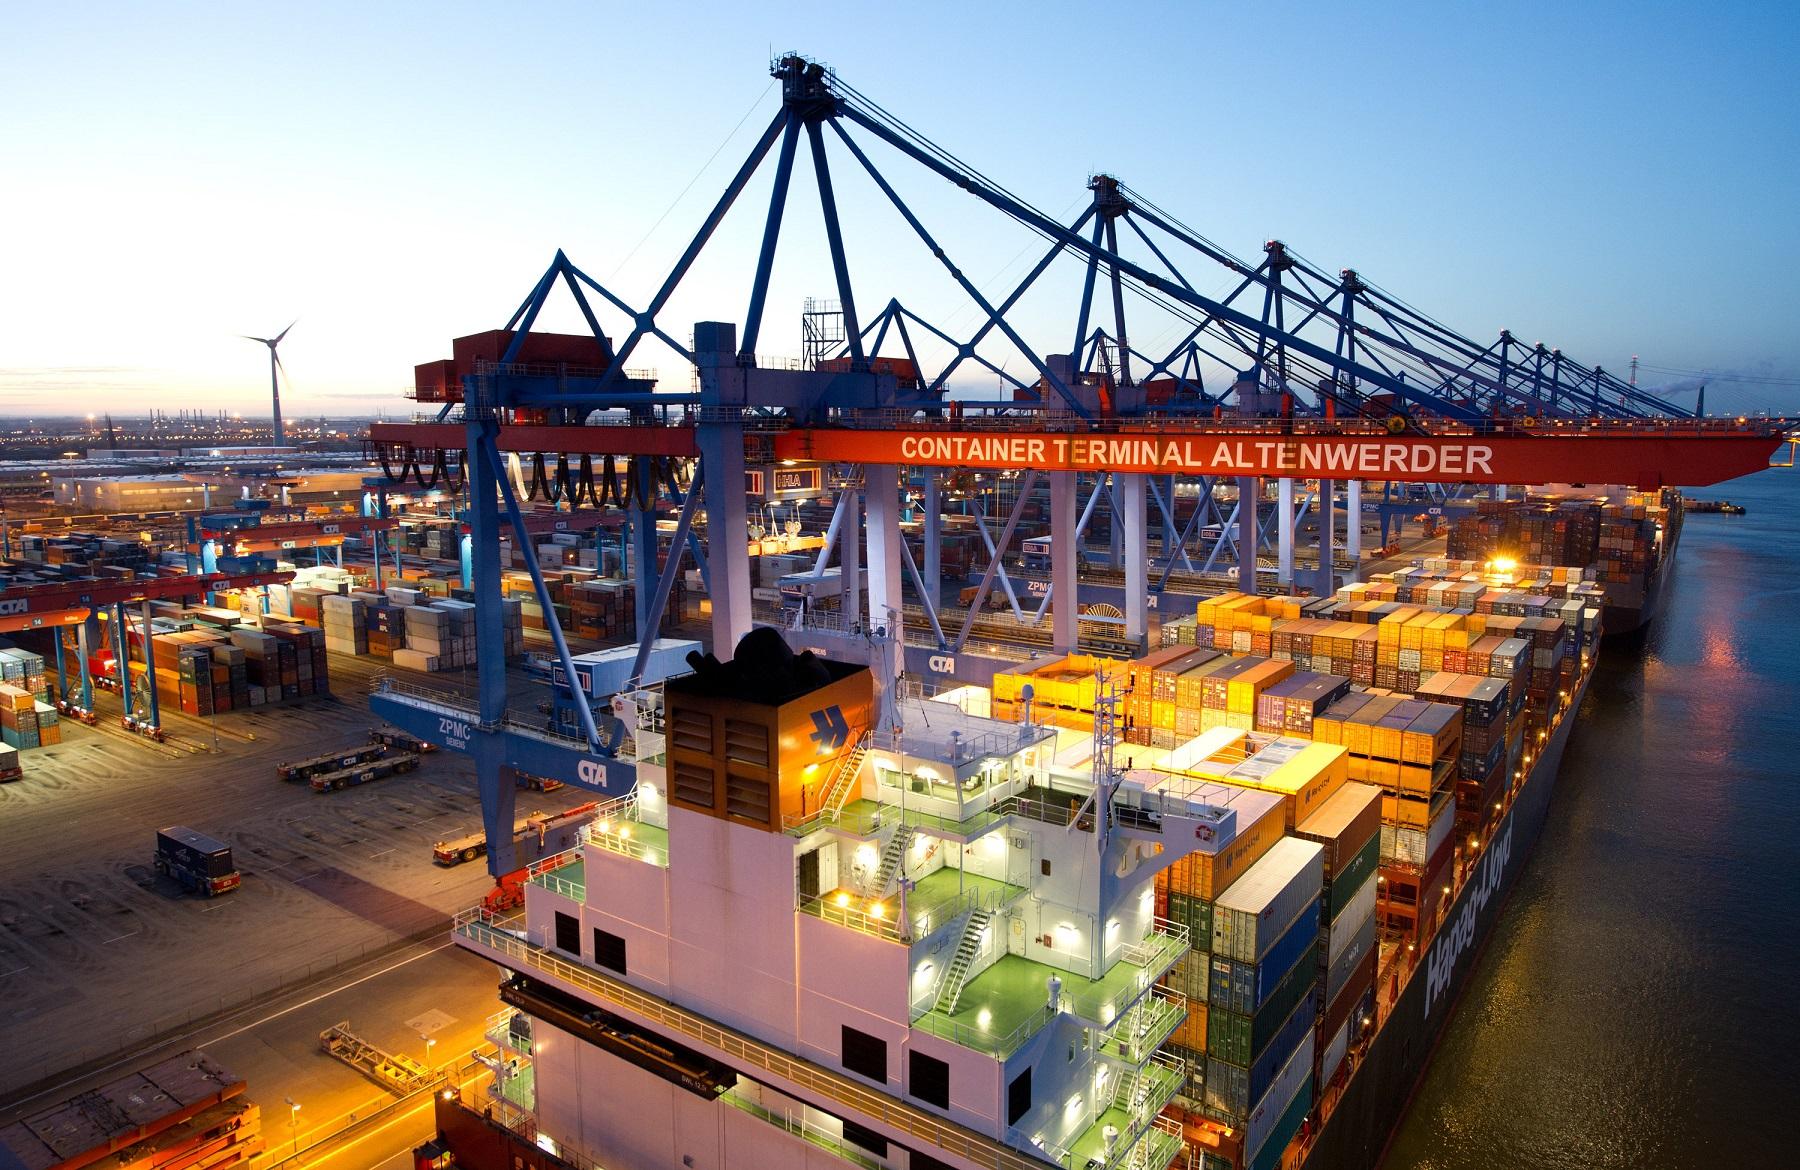 أنباء عن عقد مفاوضات تجارية بين الصين والولايات المتحدة